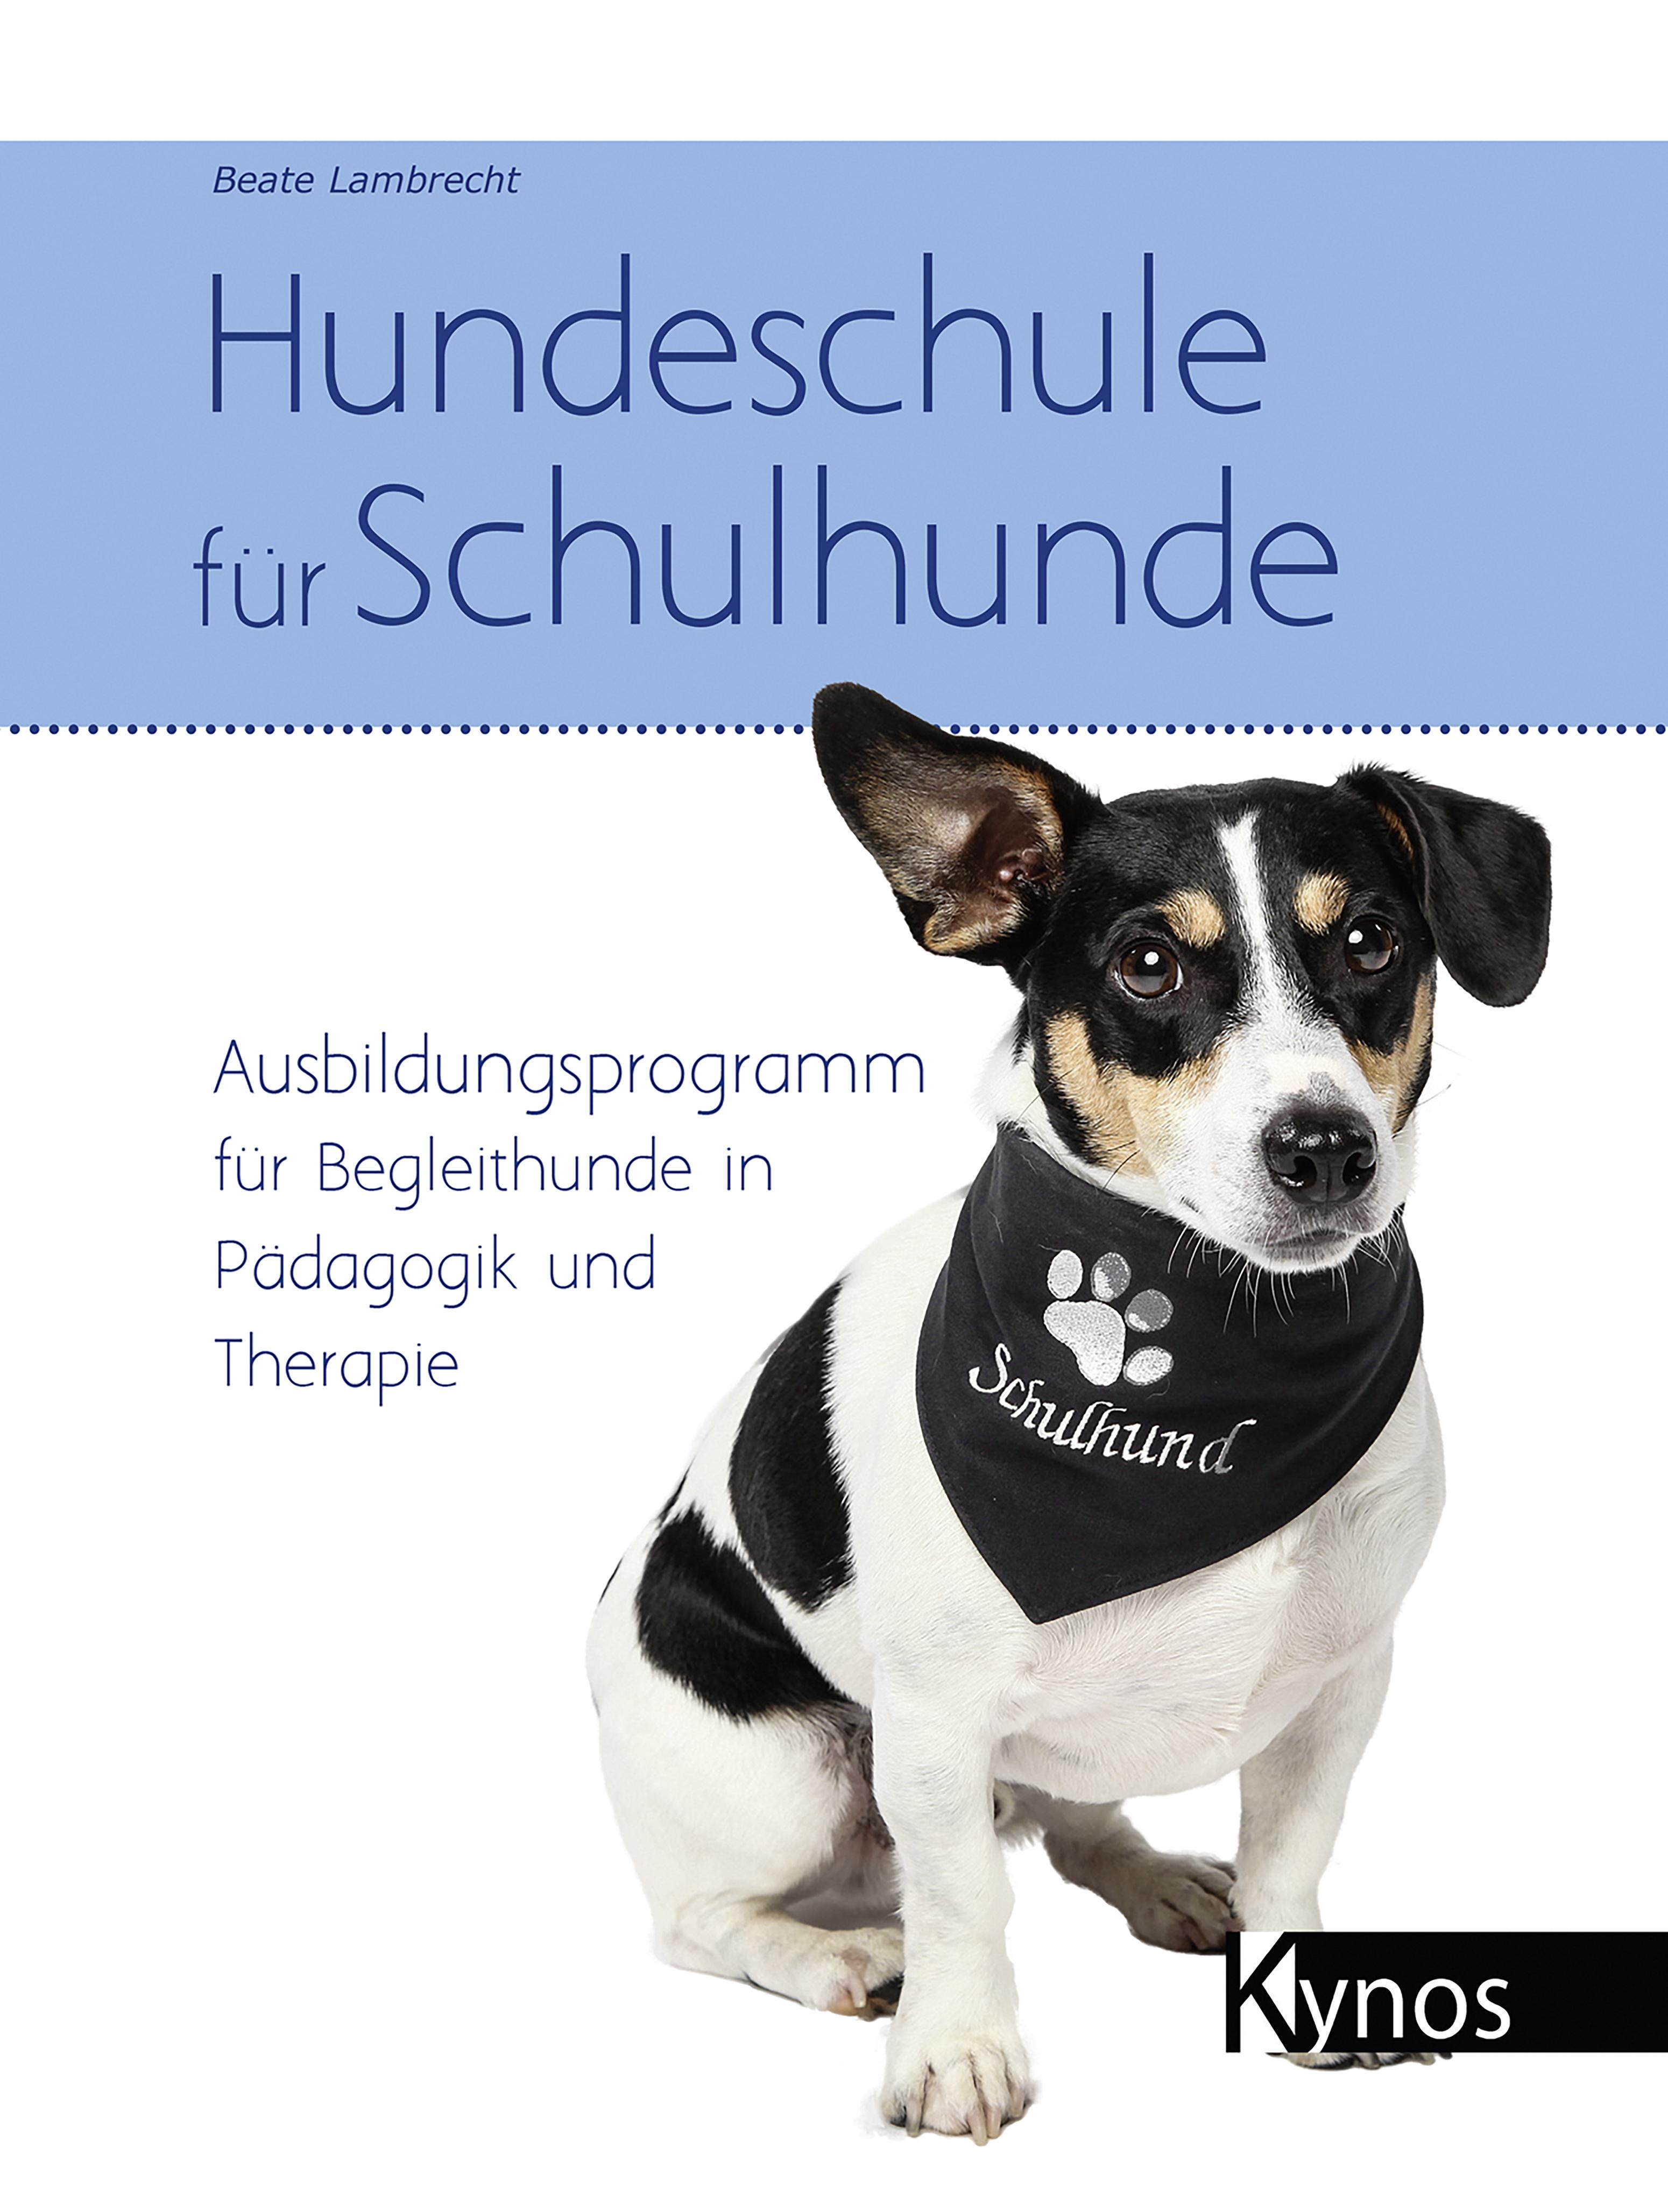 Hundeschule für Schulhunde ( Beate Lambrecht  )